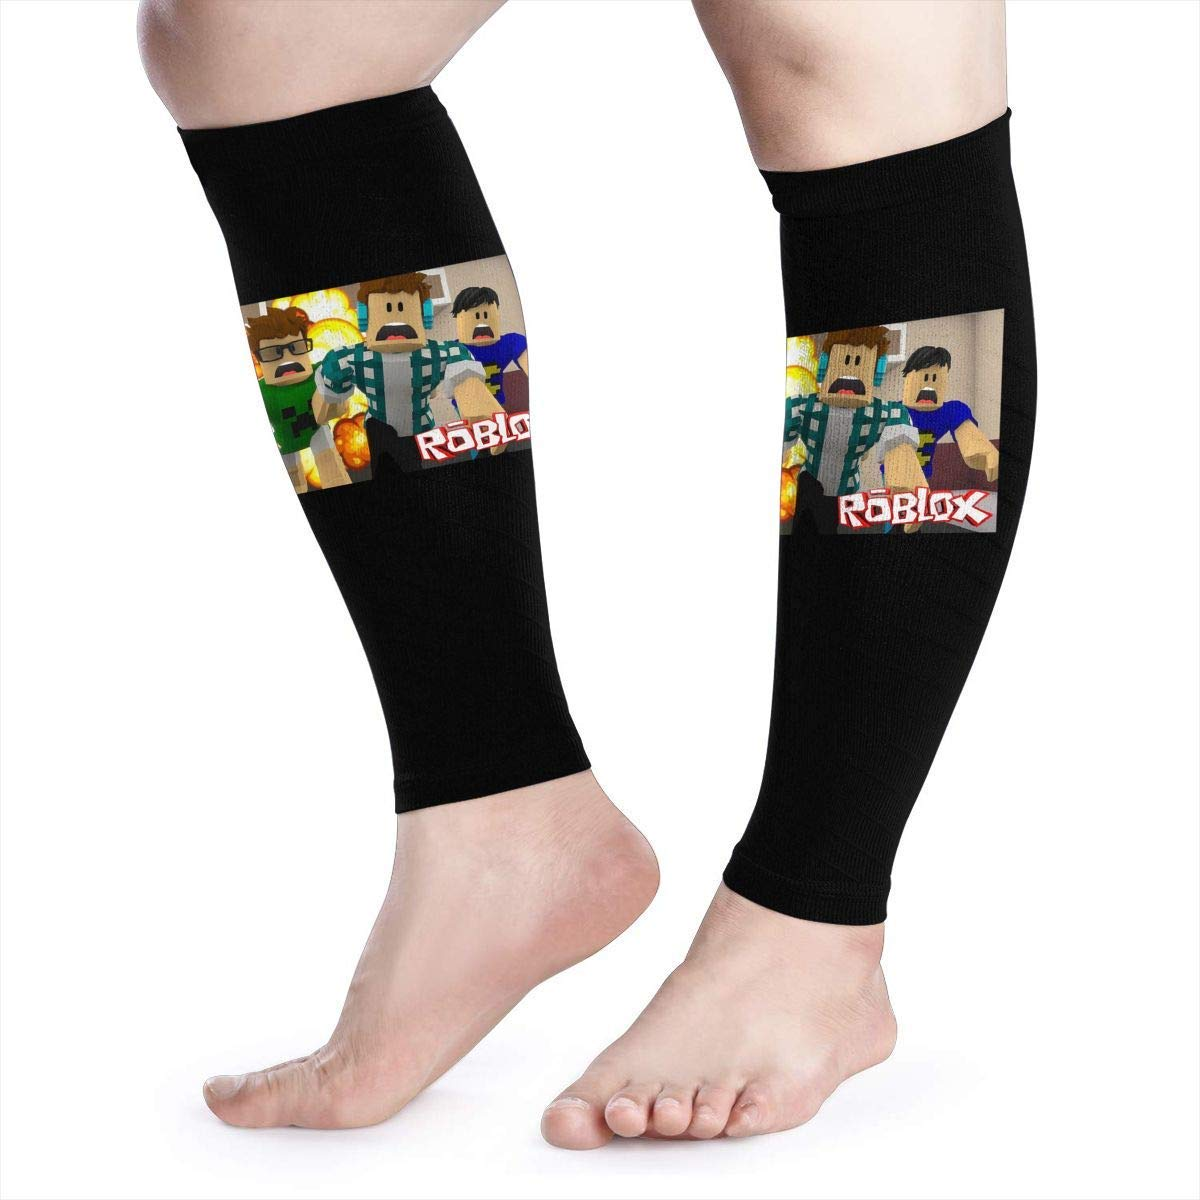 Mangas de compresión para pantorrillas Leg Performance Support Roblox